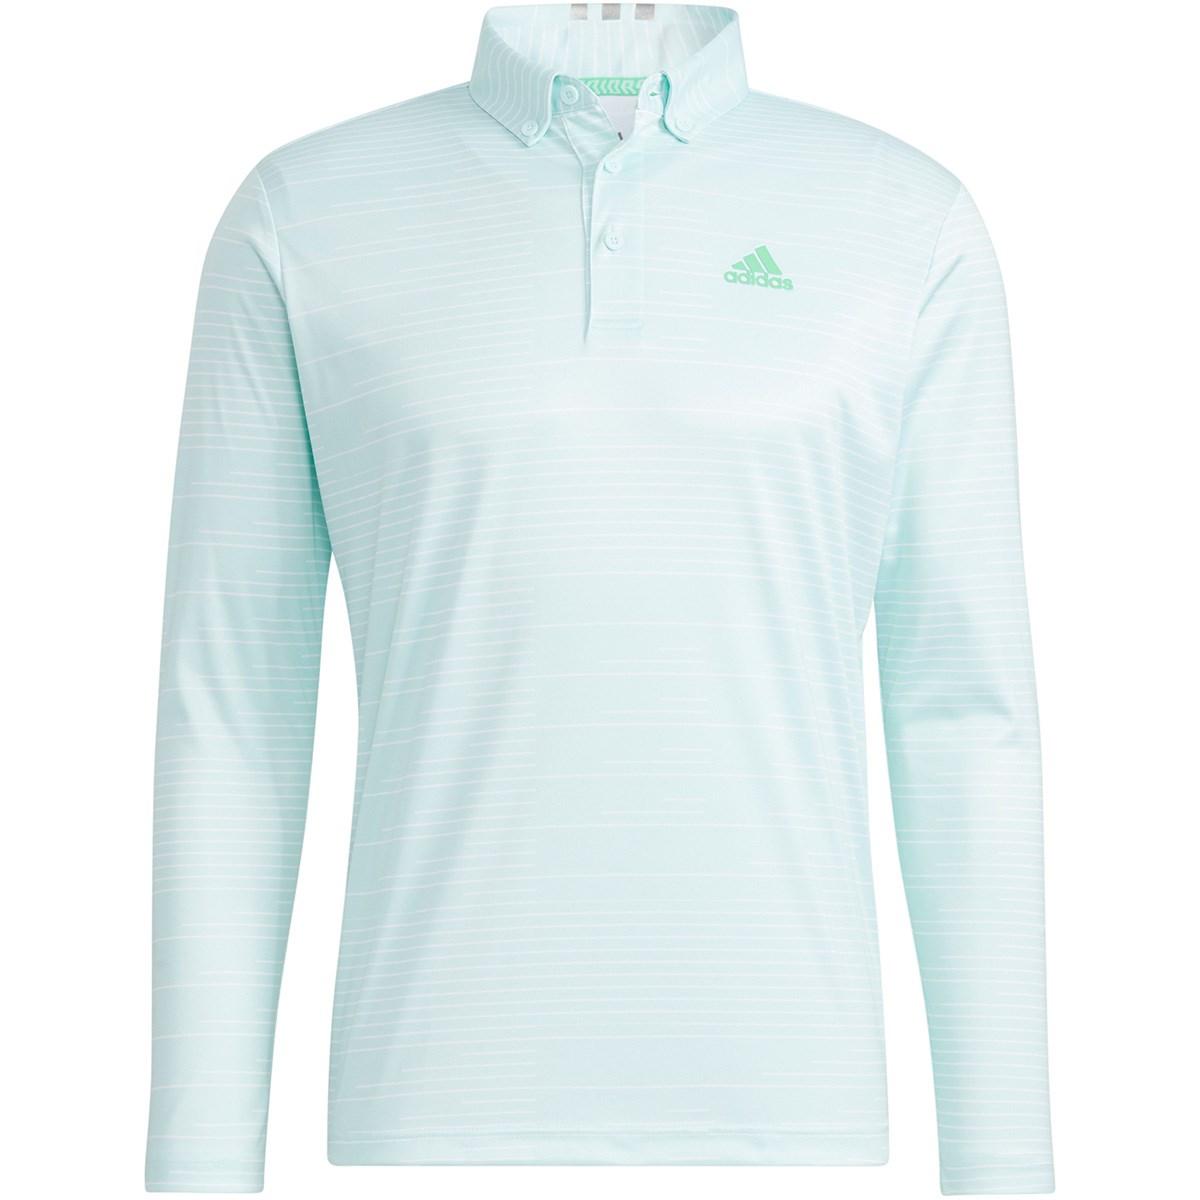 アディダス Adidas PRIMEGREEN グラフィックプリント 長袖ボタンダウンポロシャツ J/S ヘイローミント